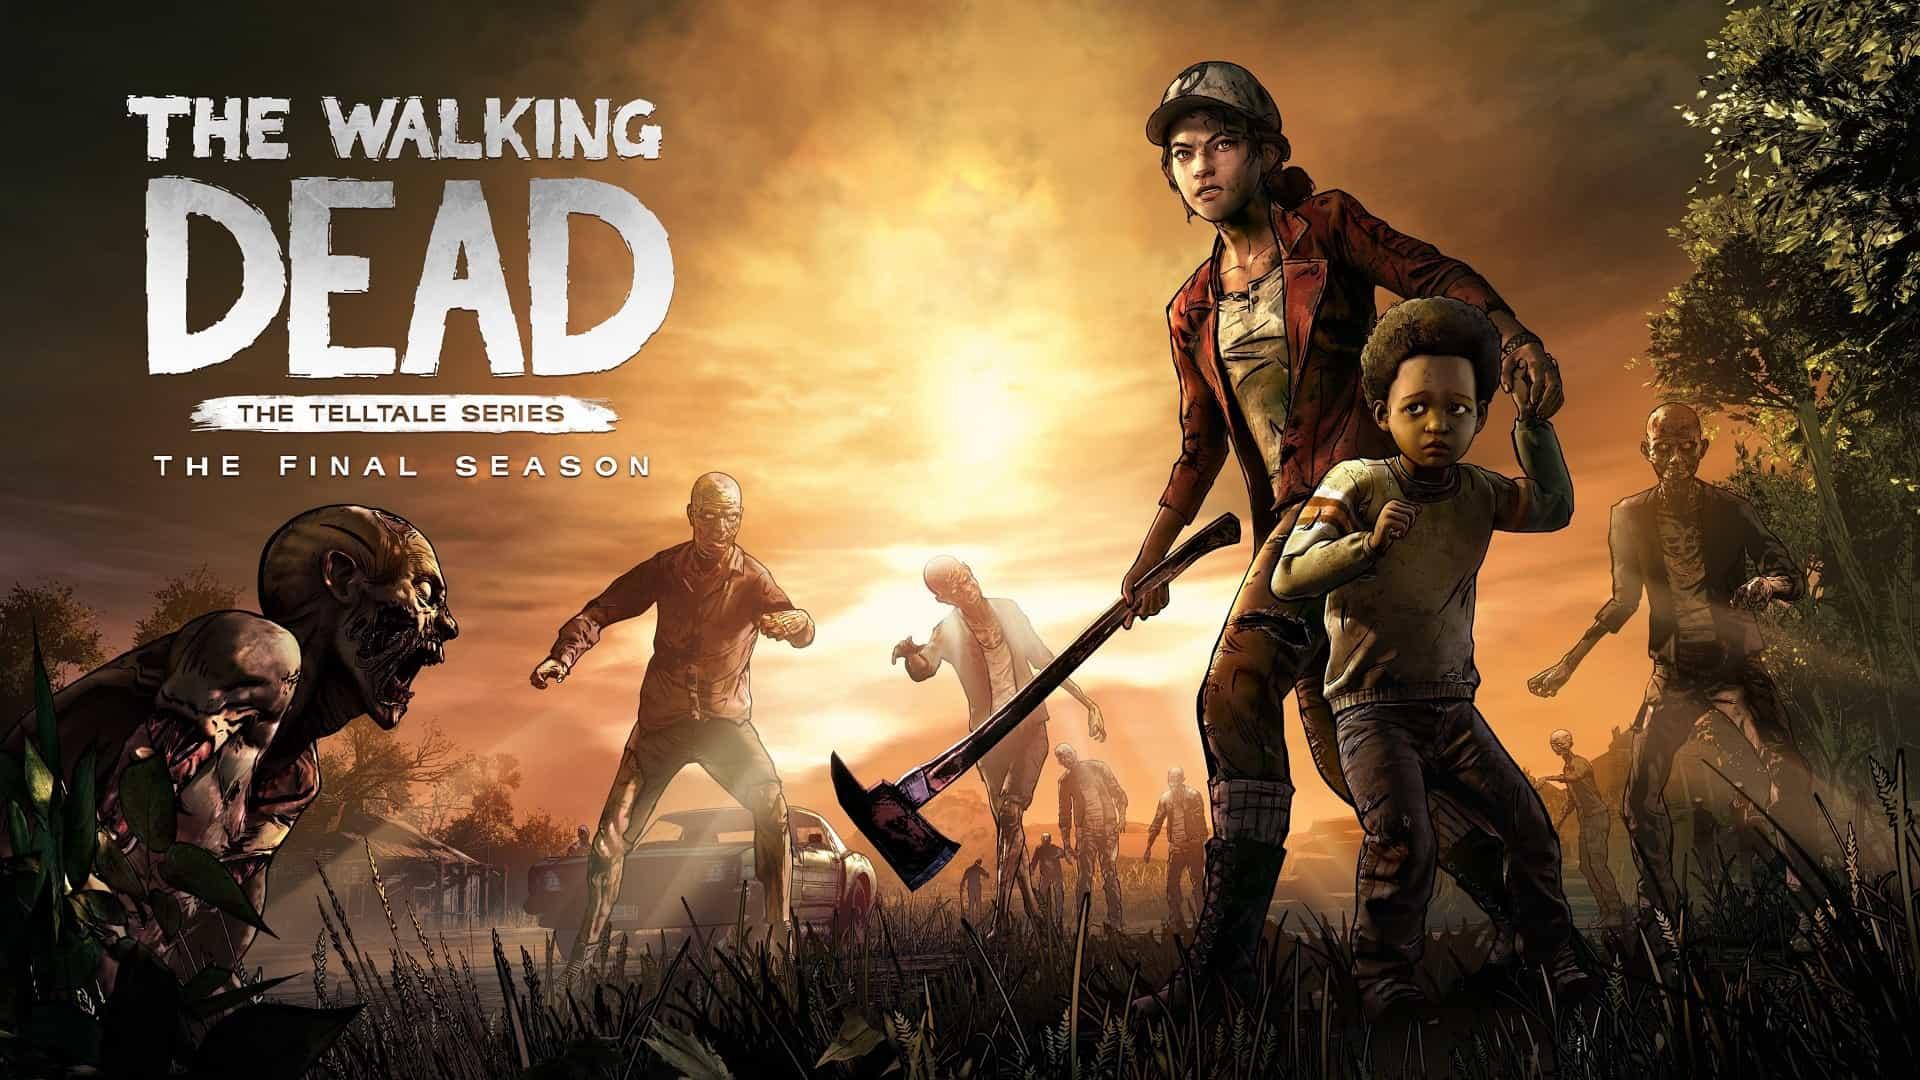 The Walking Dead The Final Season PC herunterladen